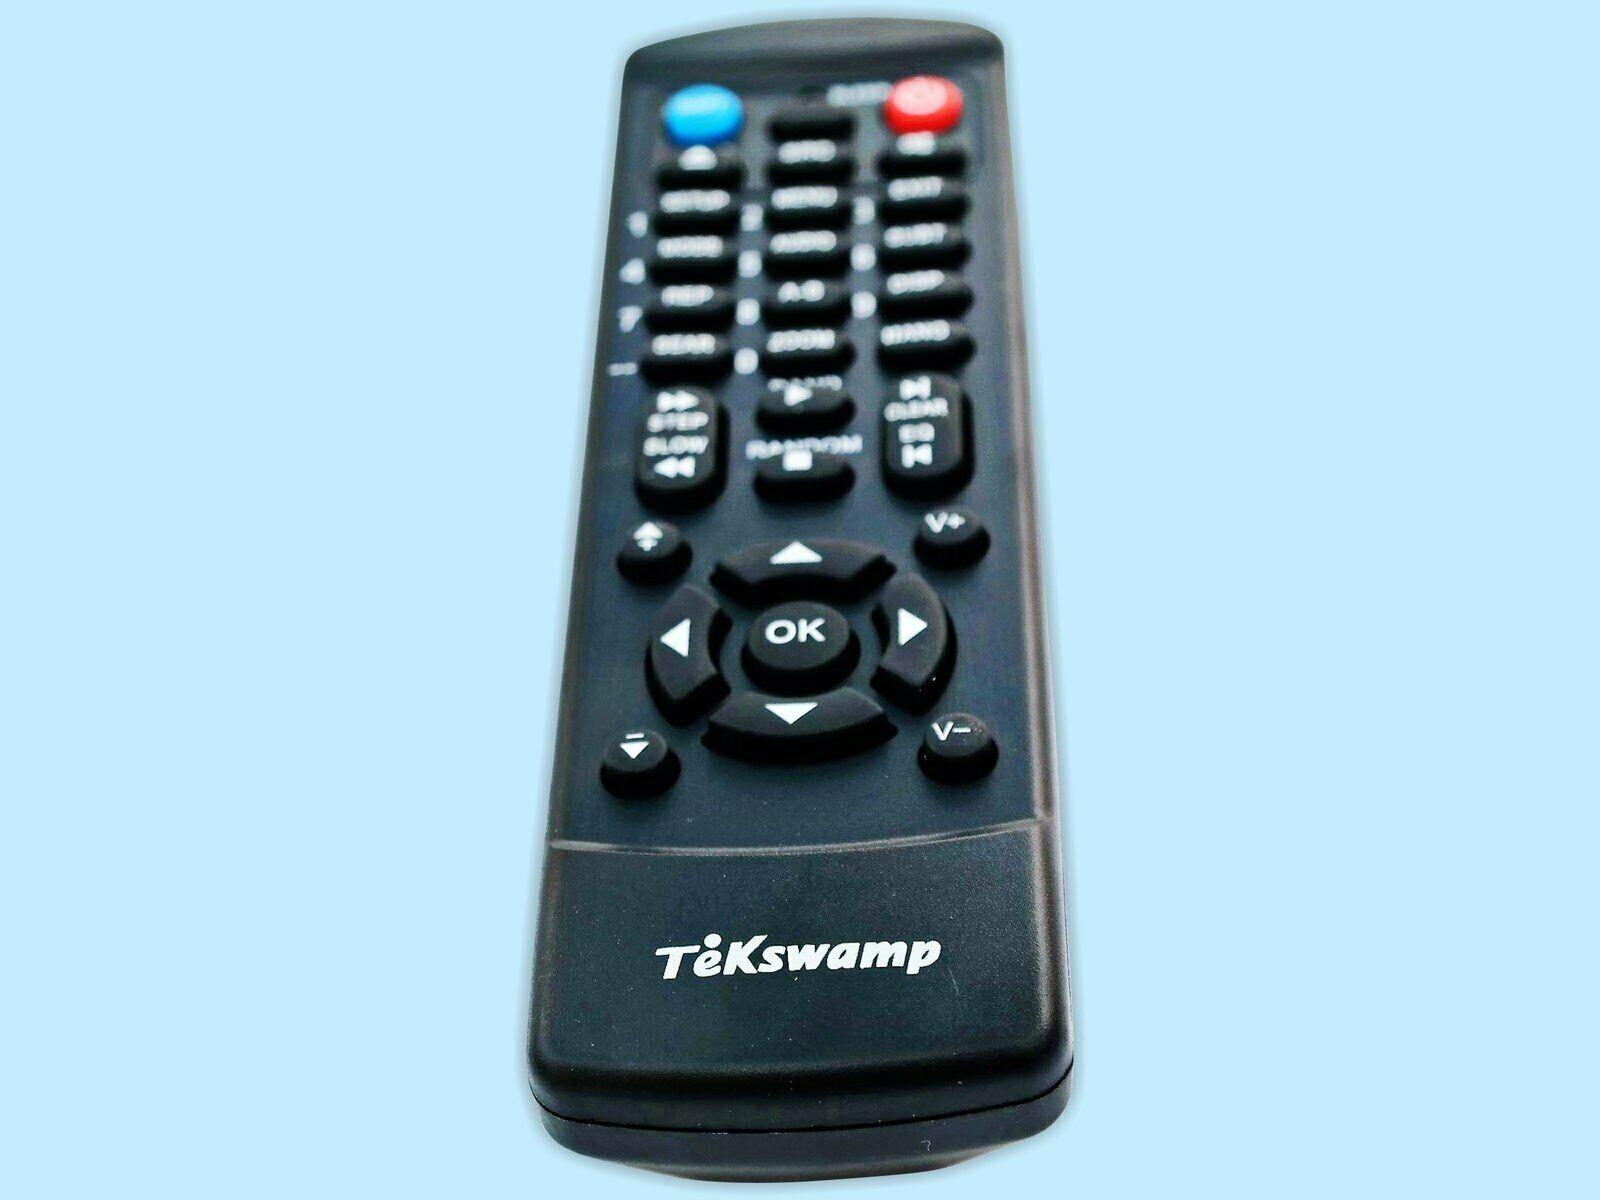 Technics SA-DX950 TeKswamp Remote Control Video Projector ...